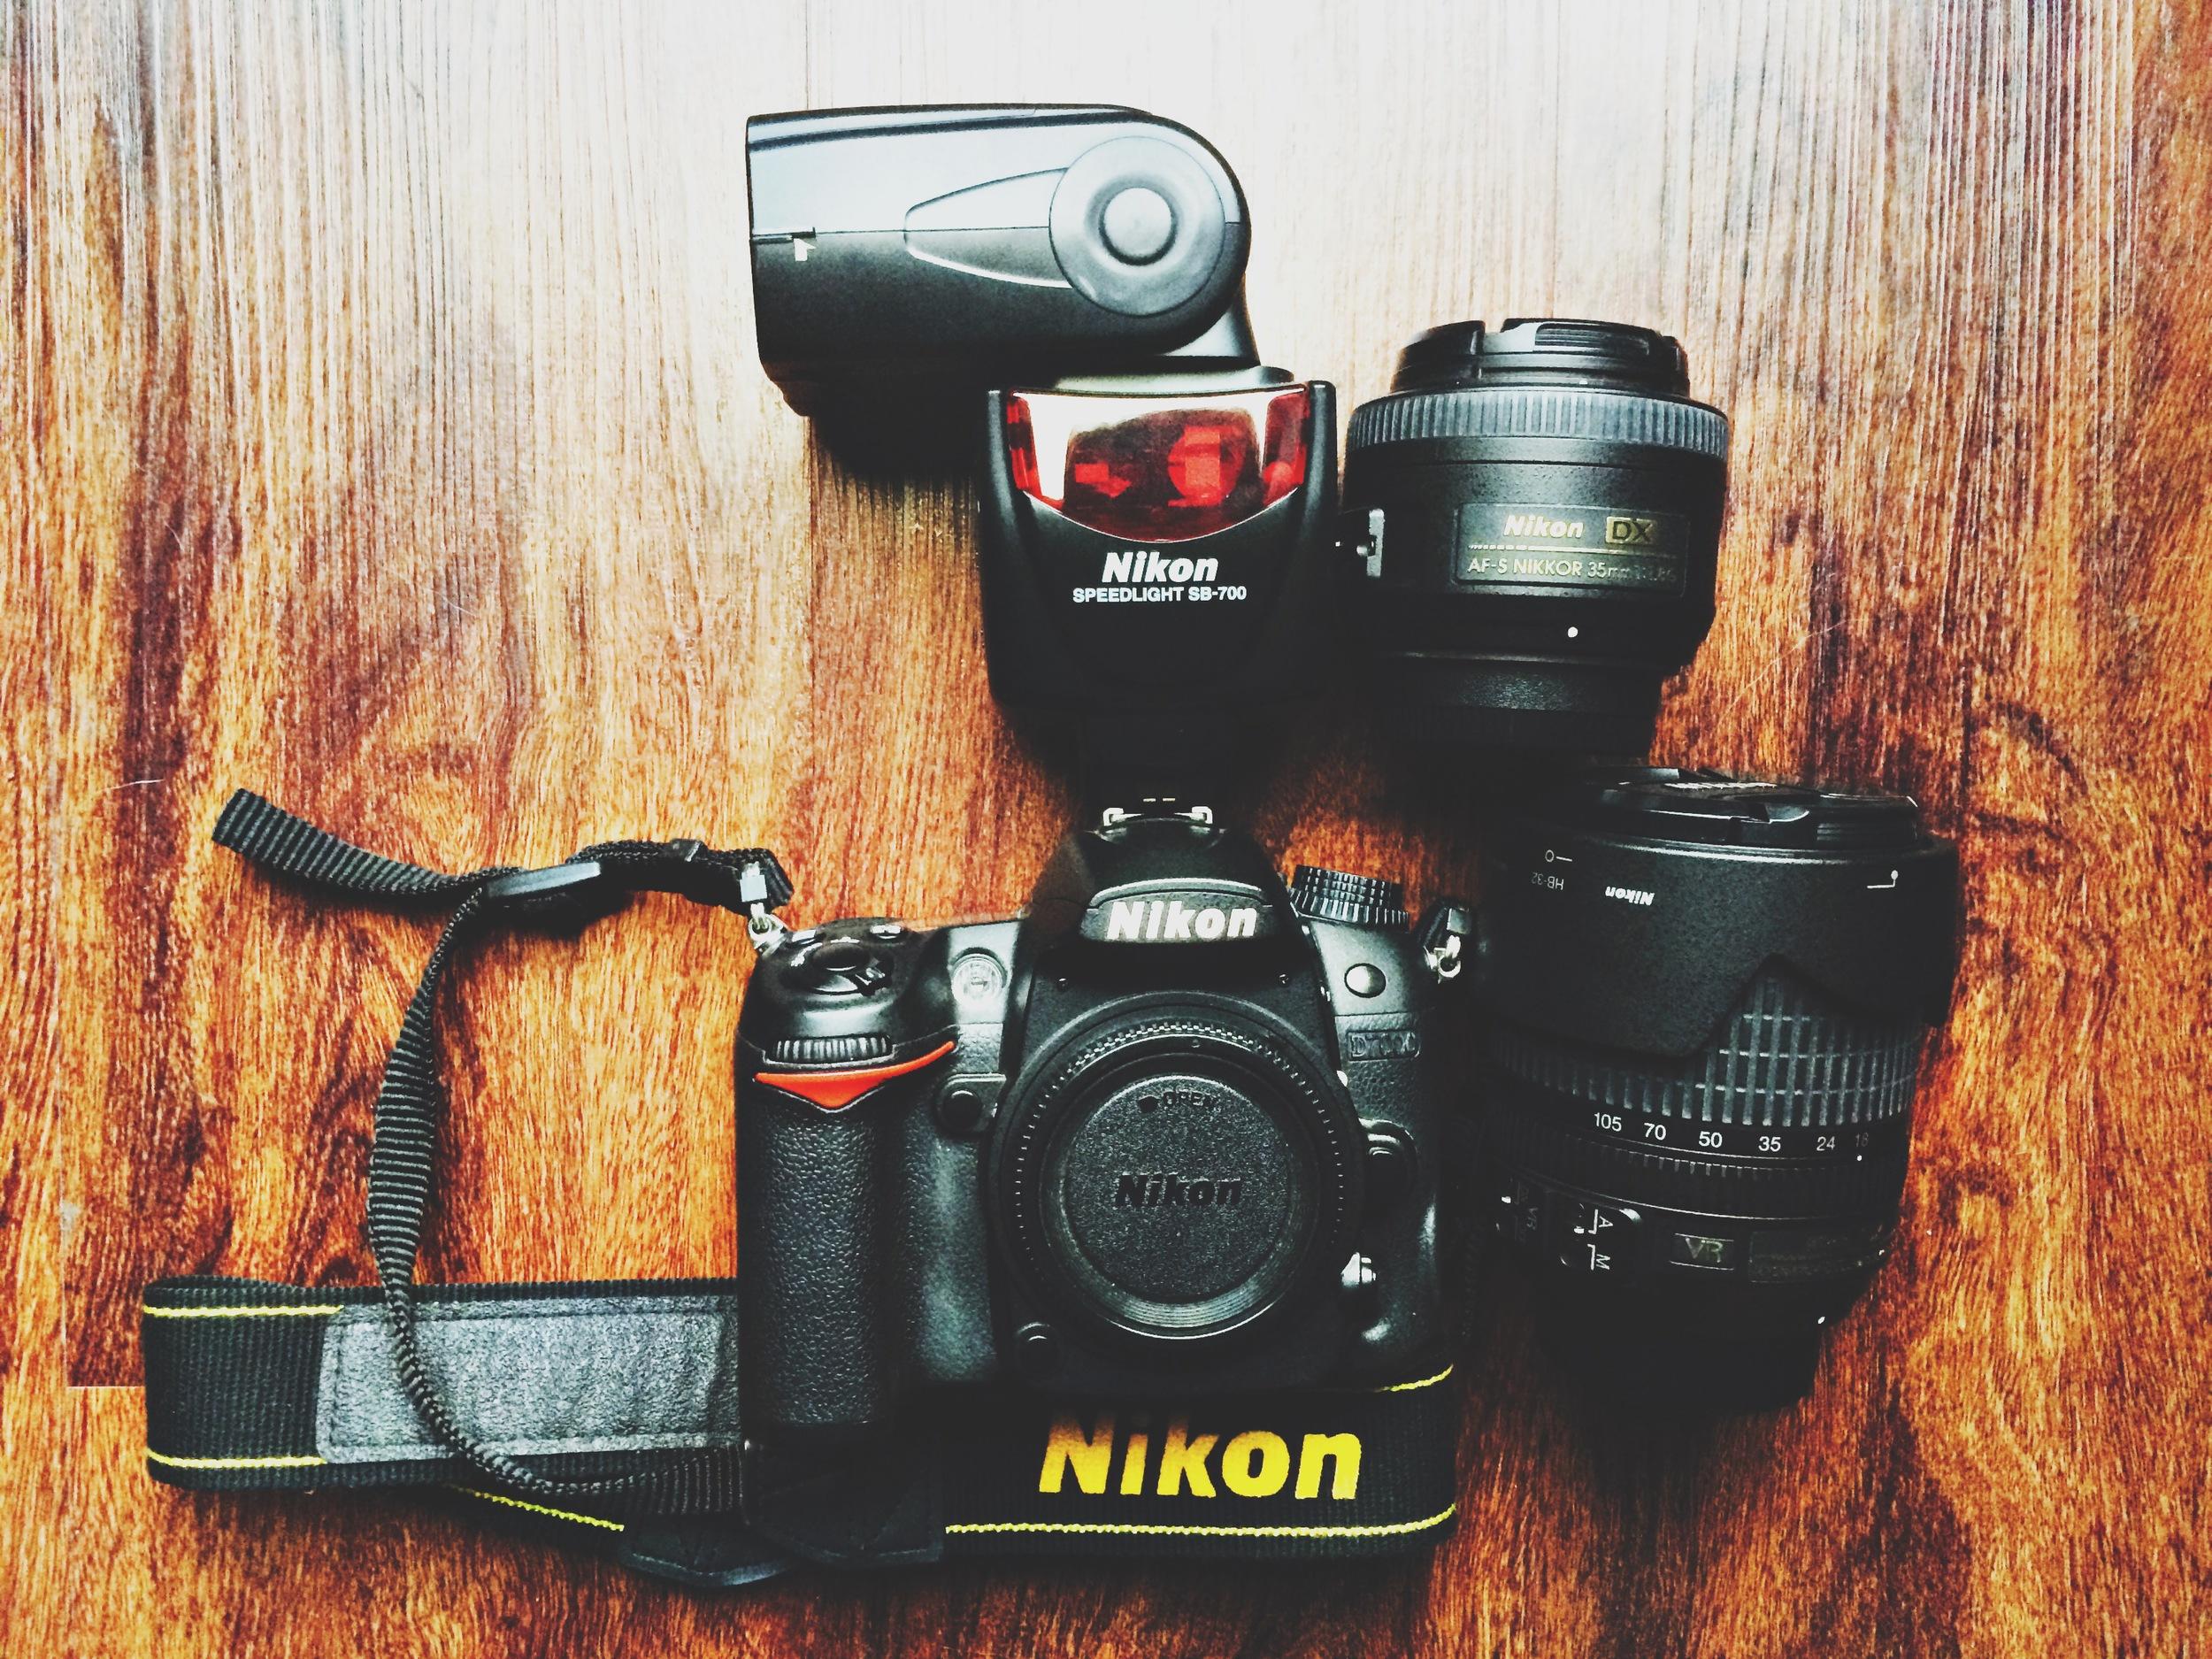 My Gear   Nikon D850, SB 700, 35mm f/1.8g, 18-140mm f/ 3.5-5.6